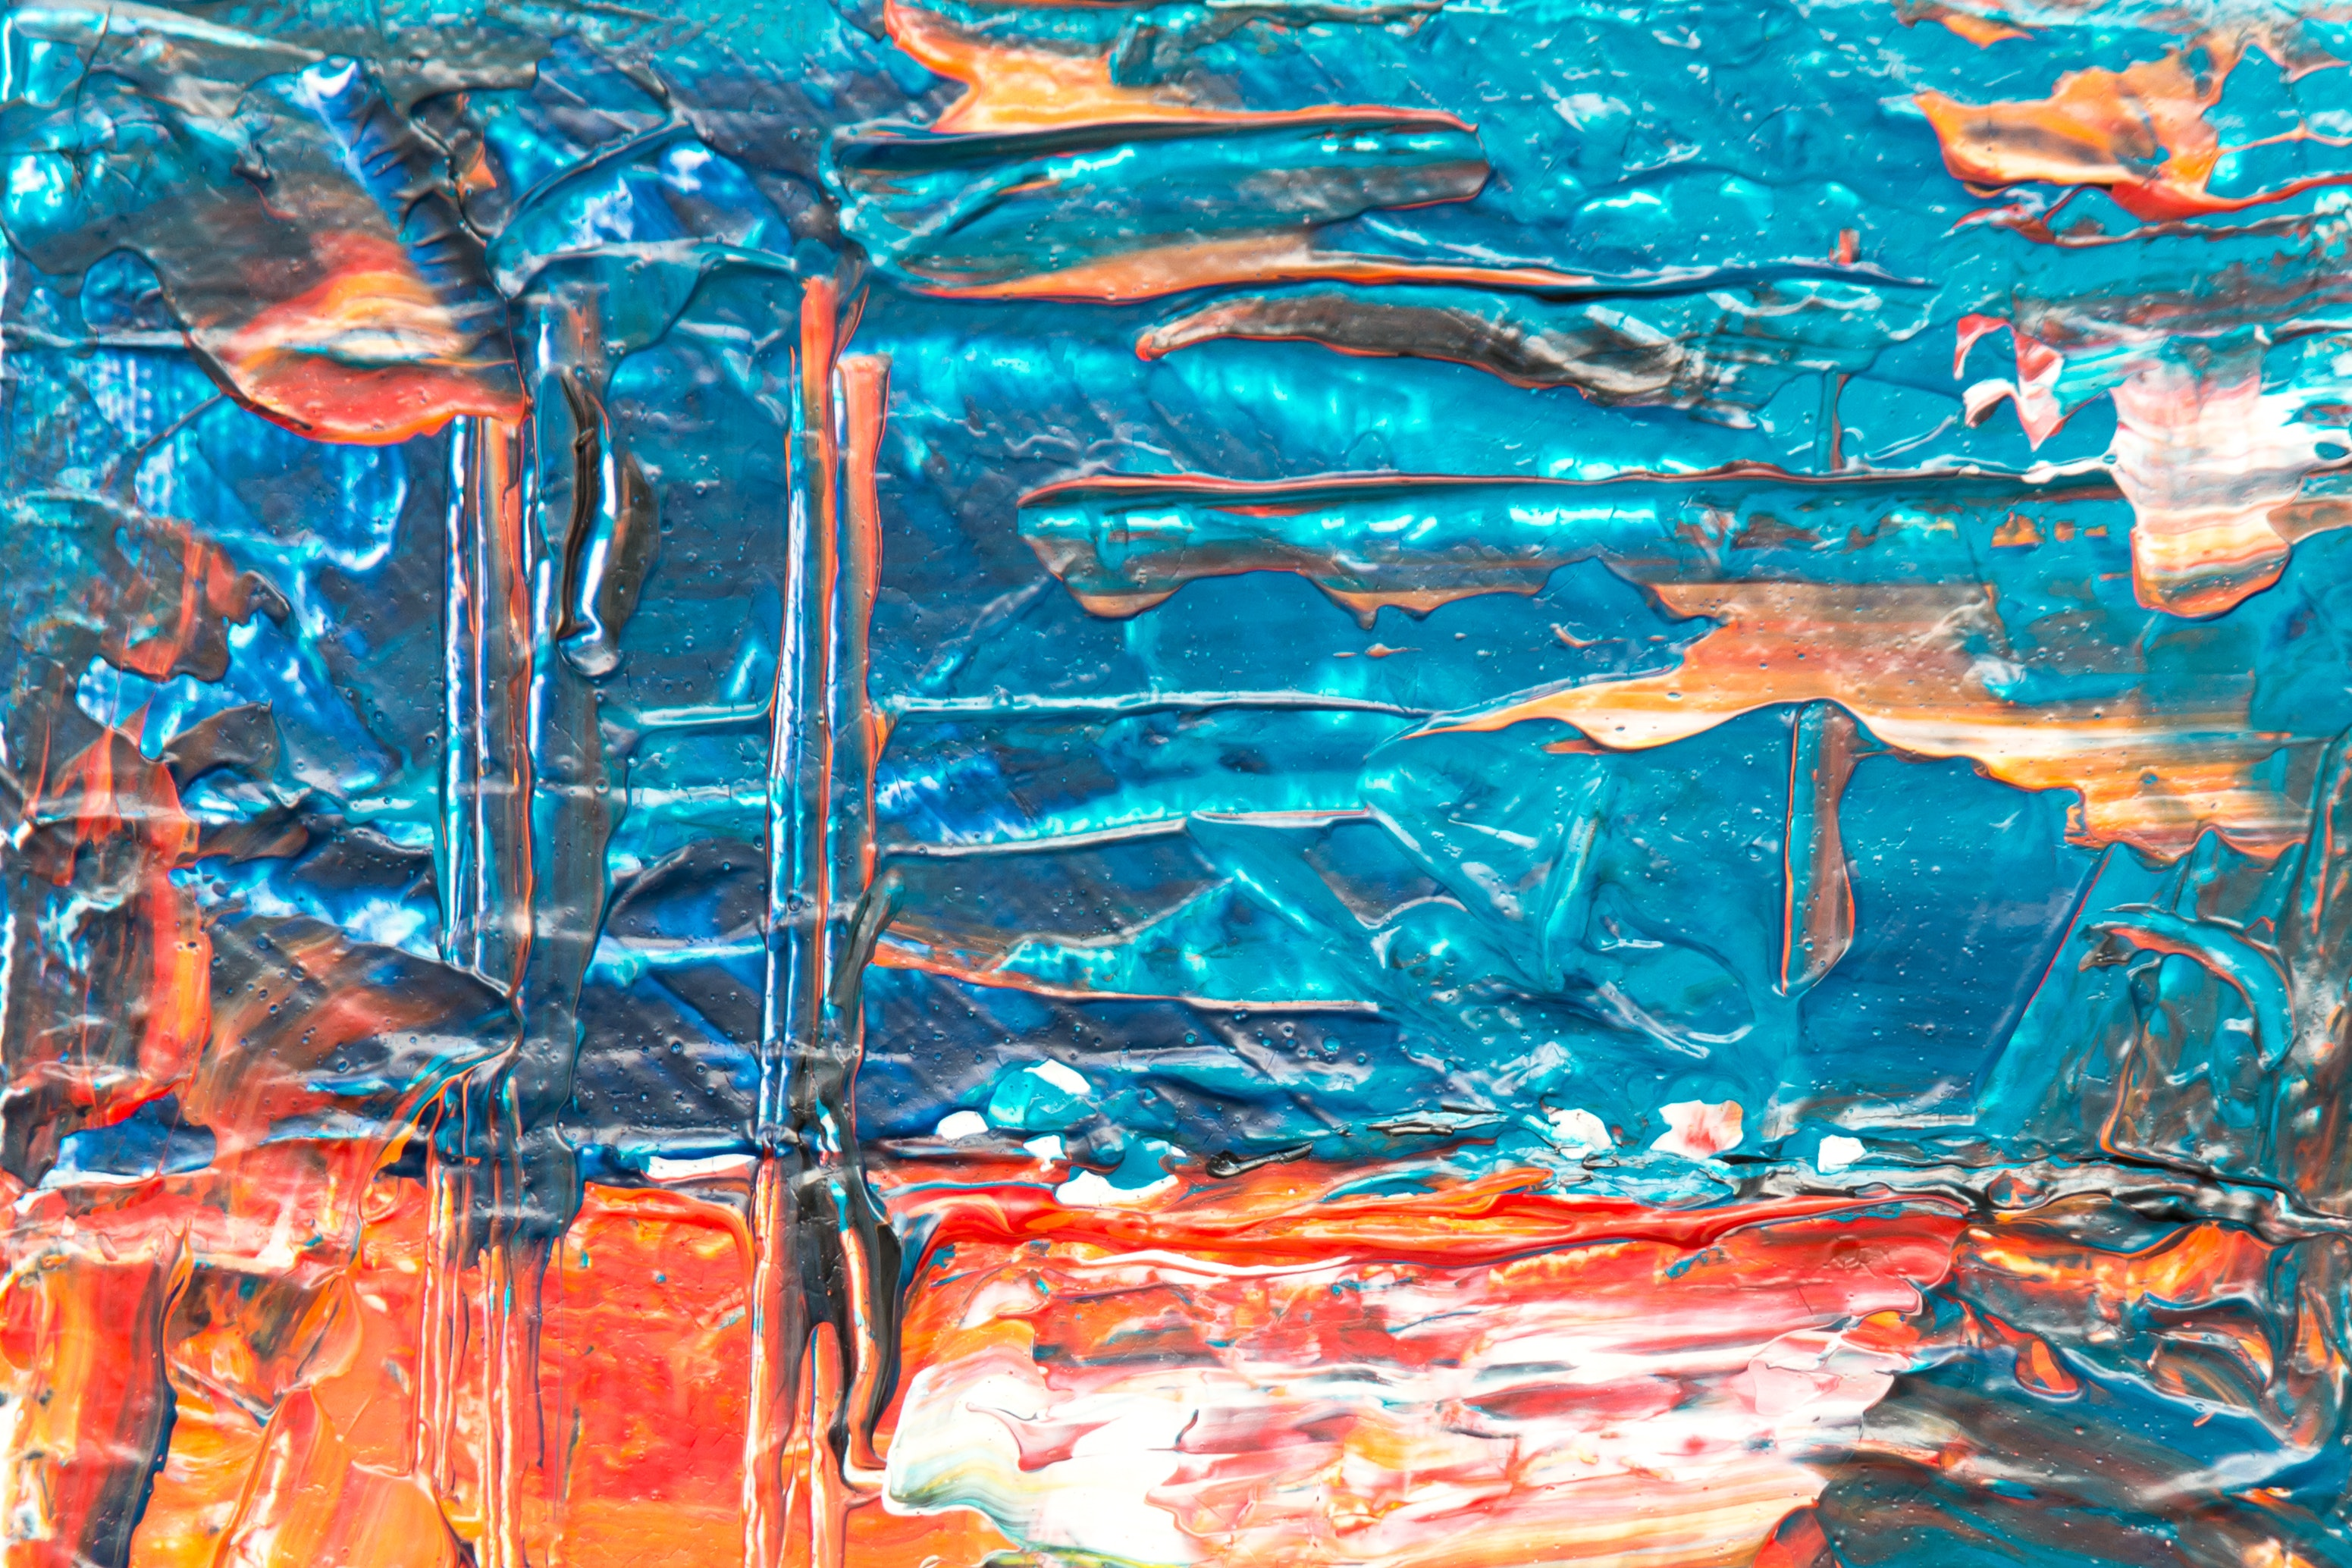 La galerie d'art ESDAC sur Aix-en-Provence